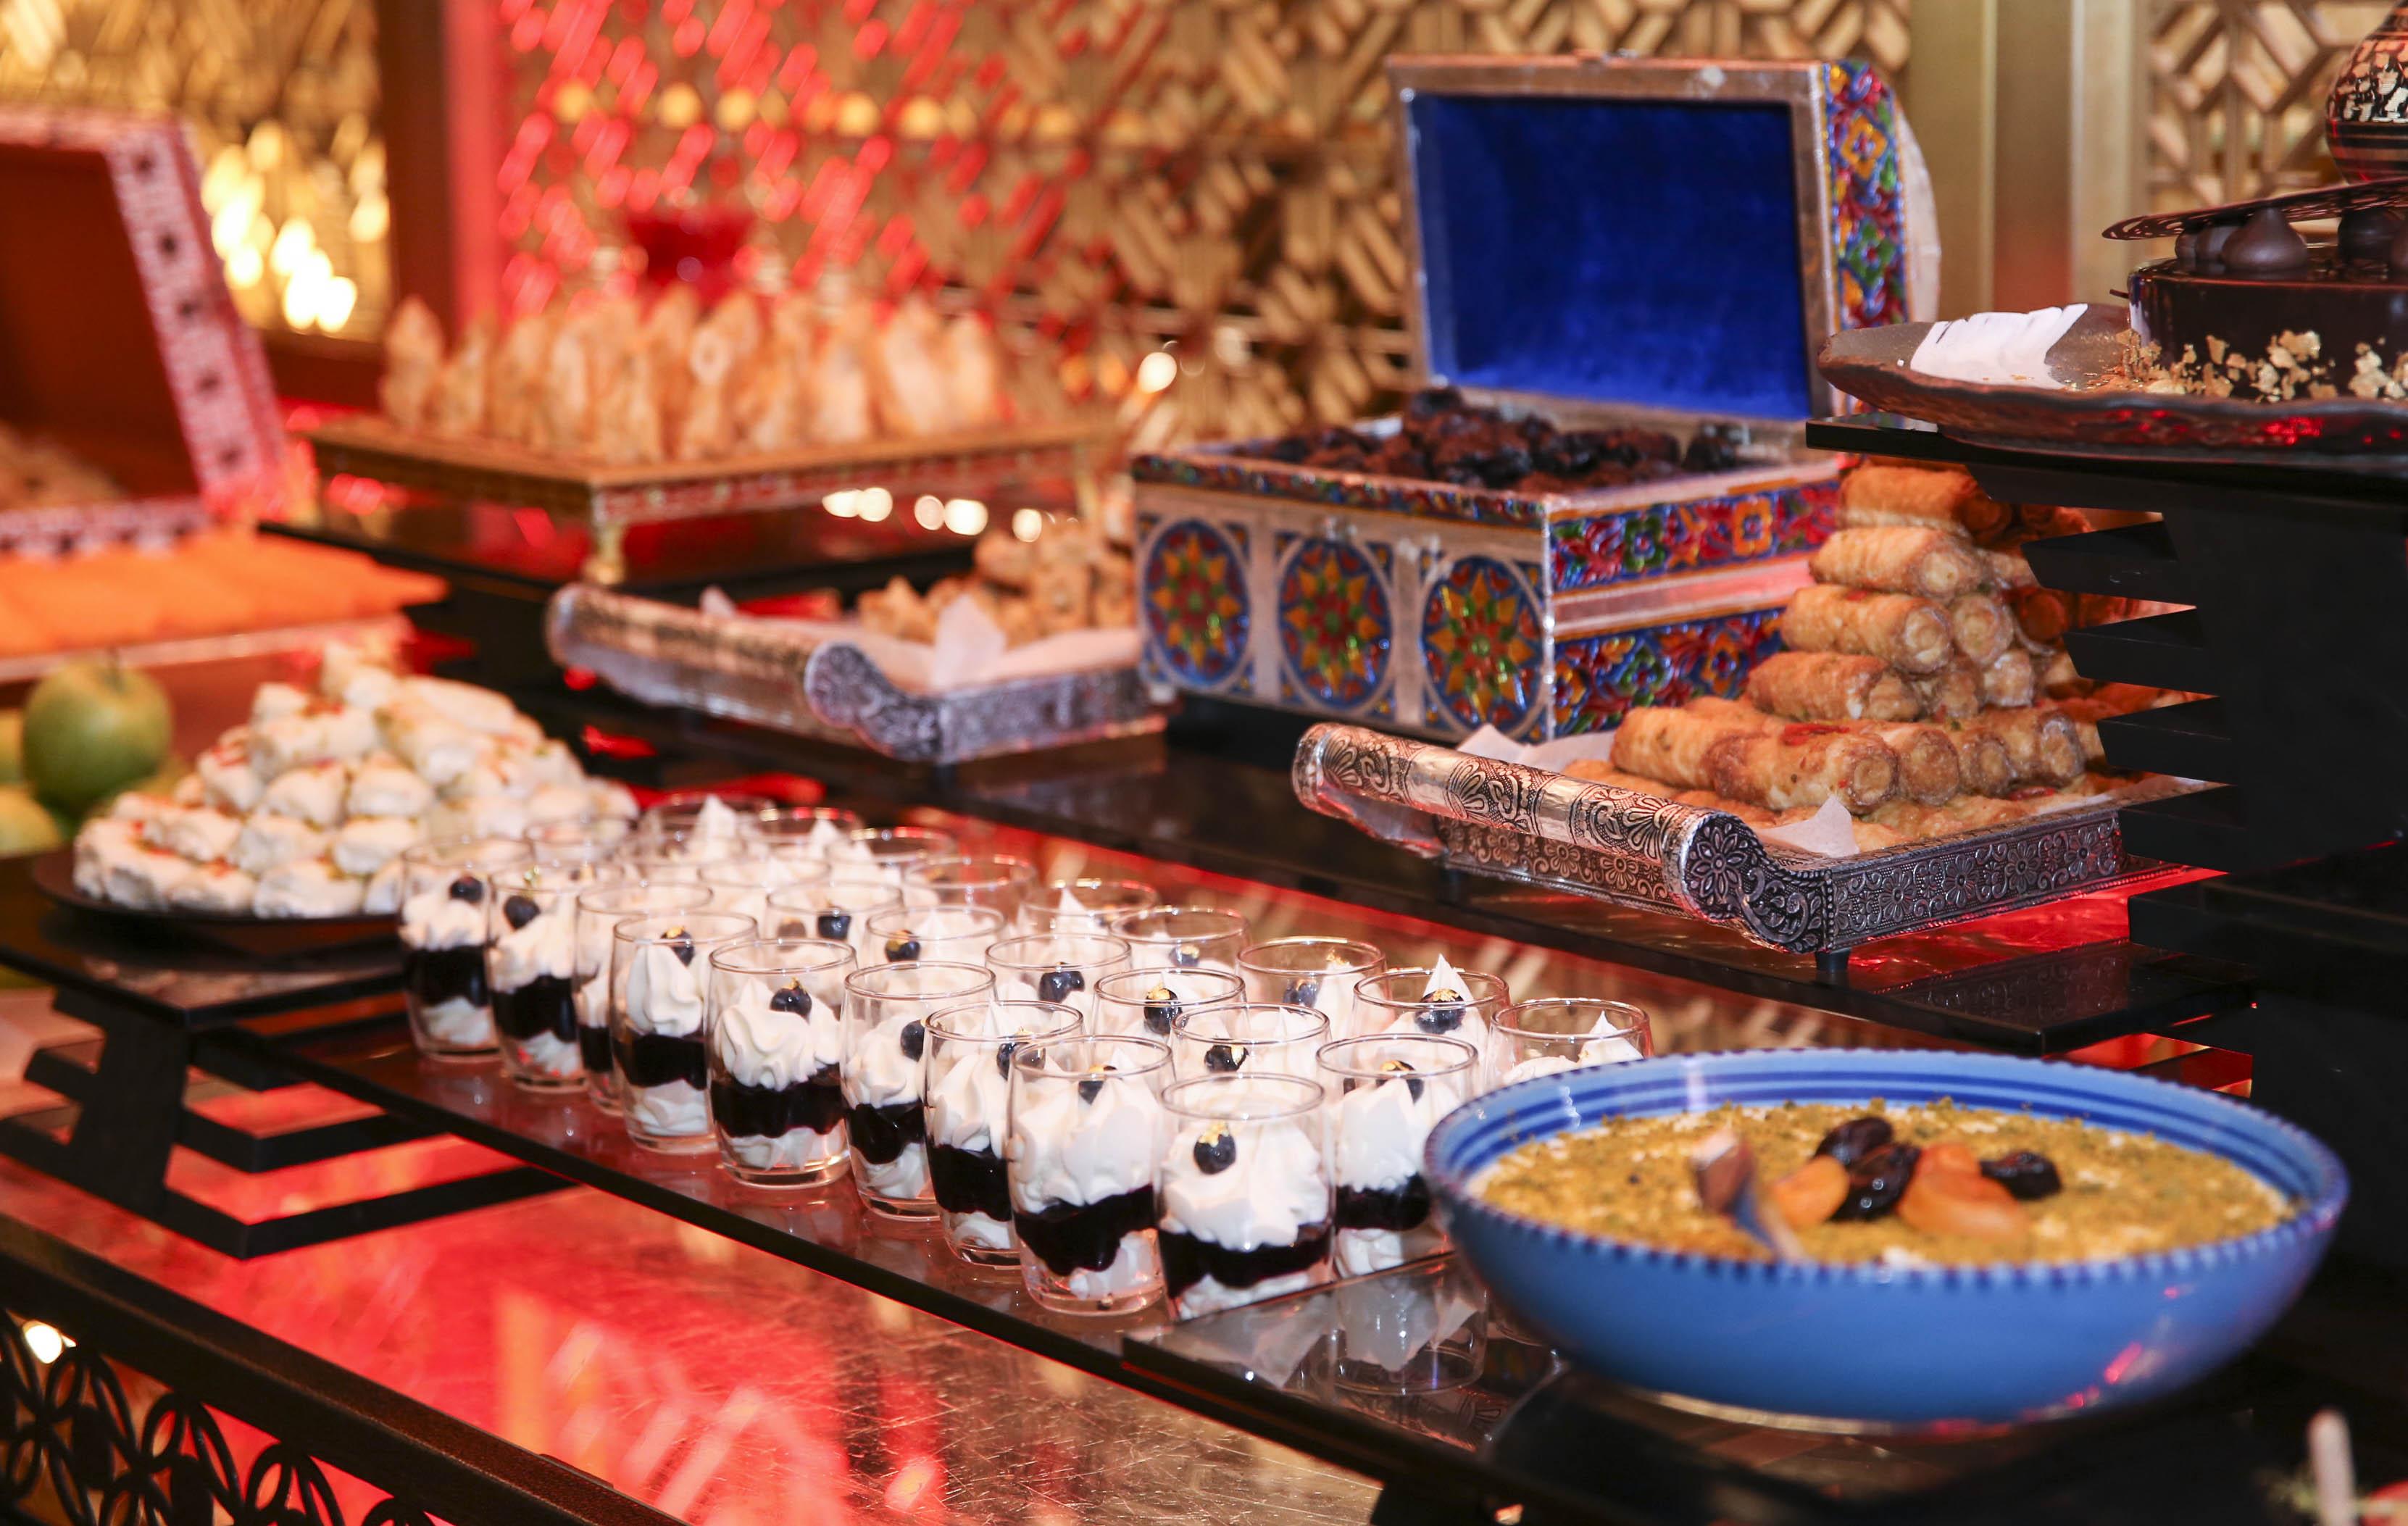 مطعم إيت أند ميت يقدم عروض مميزة بمناسبة شهر رمضان الكريم 2019